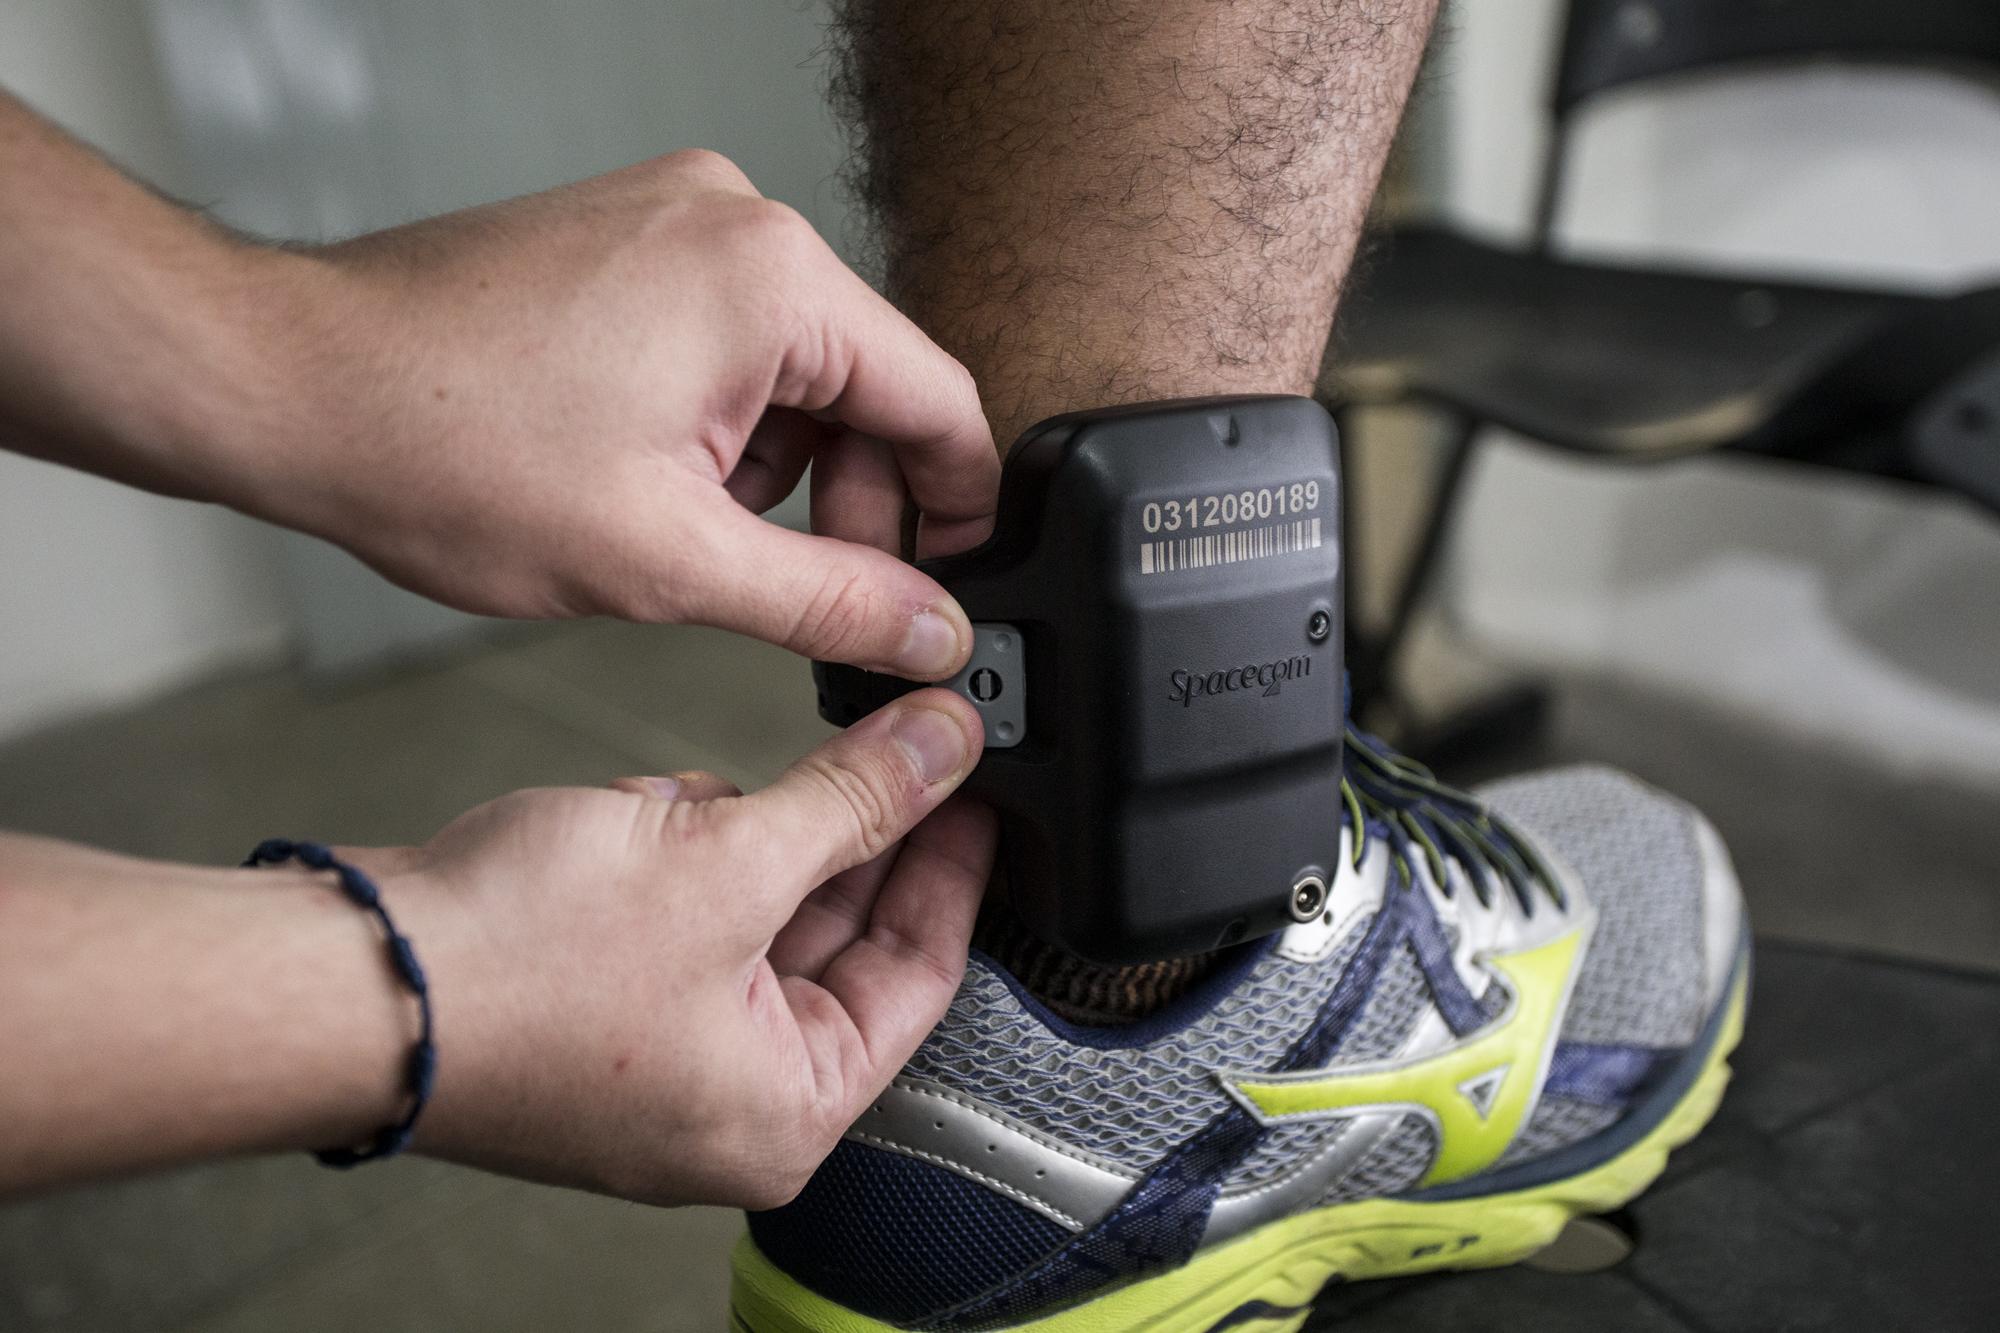 Homem que cometia assaltos usando tornozeleira eletrônica é preso em Salvador